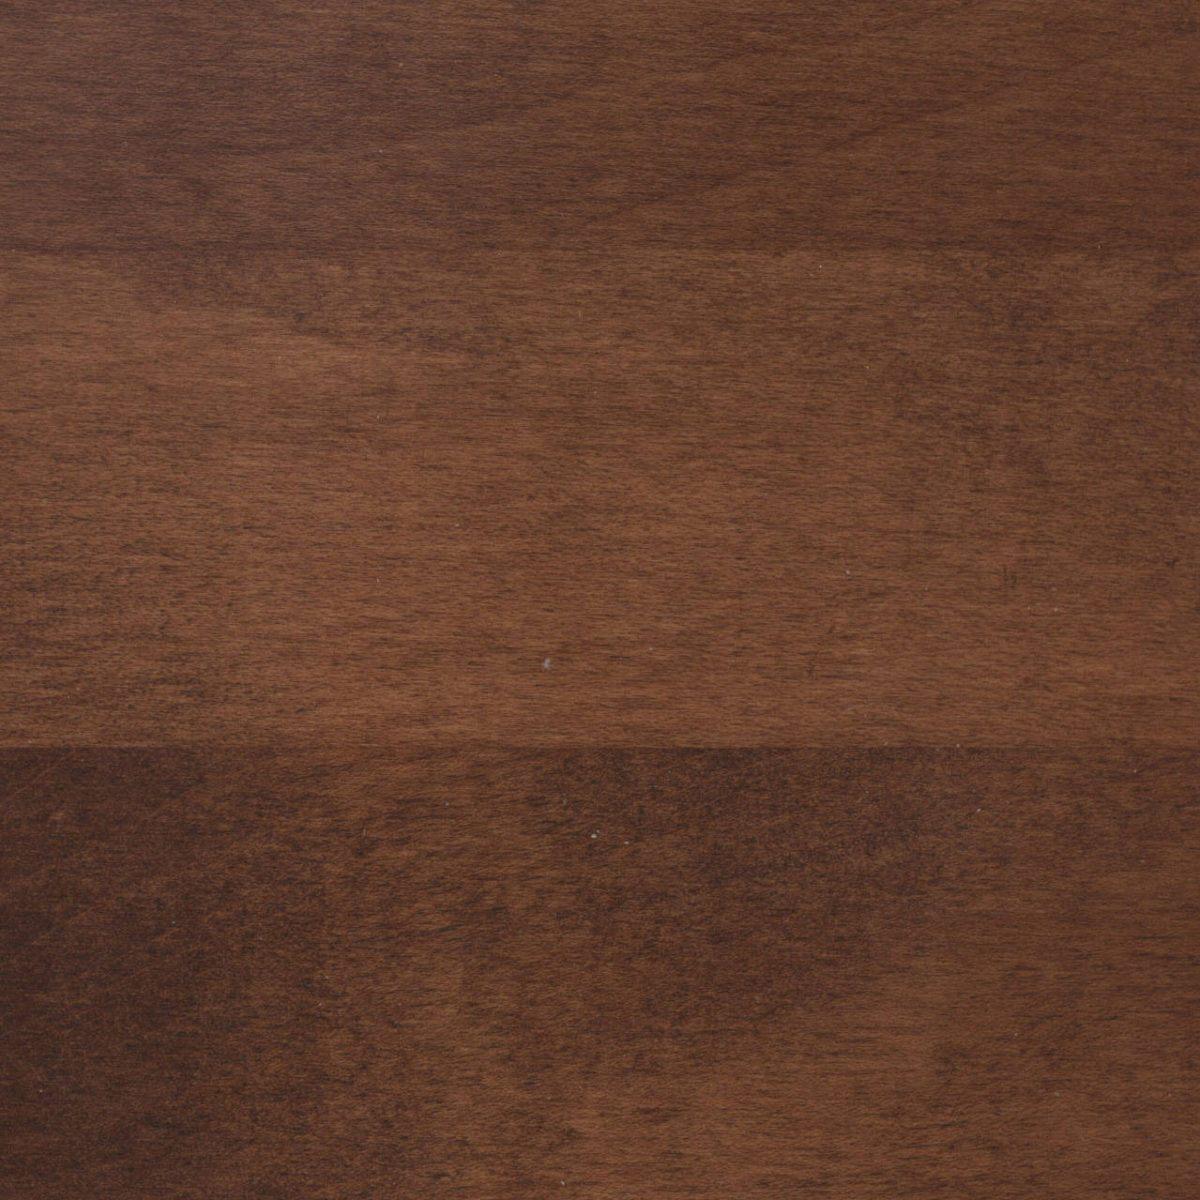 45B Maple Wood Sample